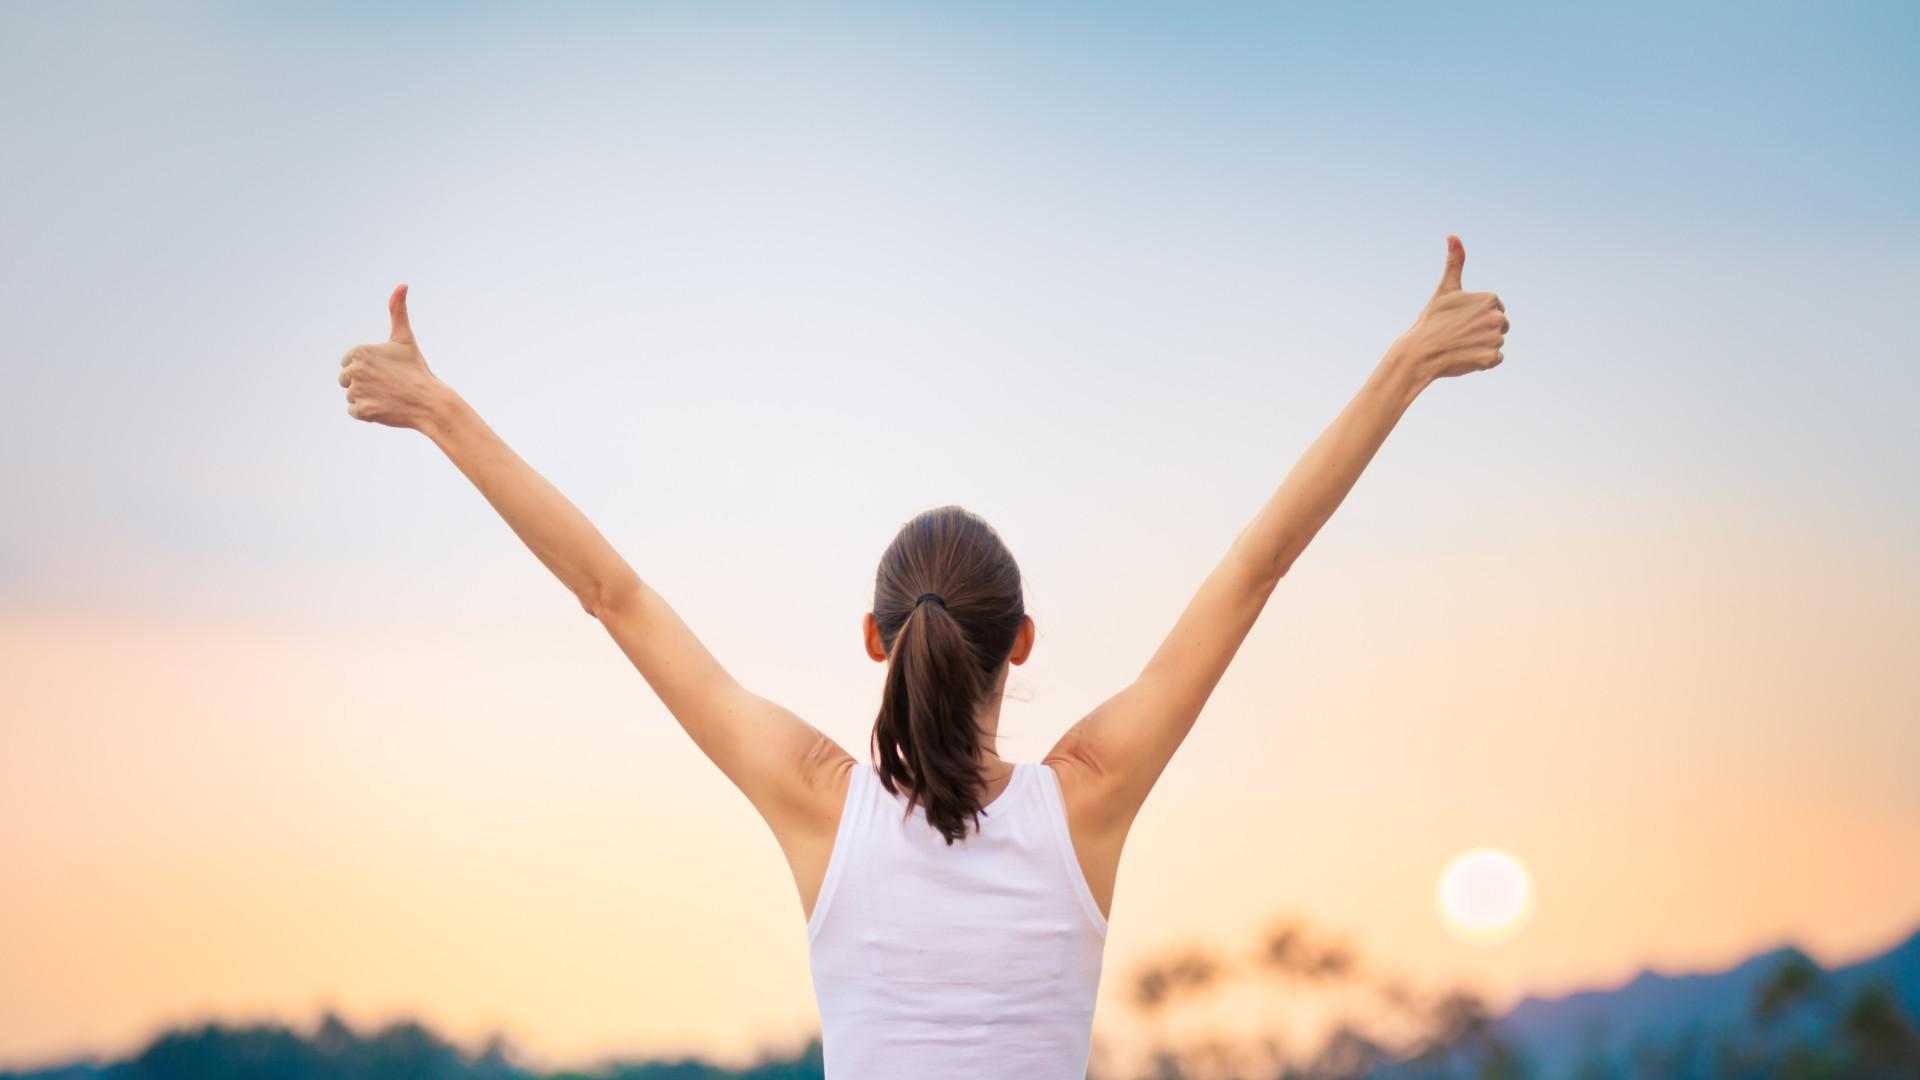 O desafio dos 30 dias que vai mudar sua vida para melhor